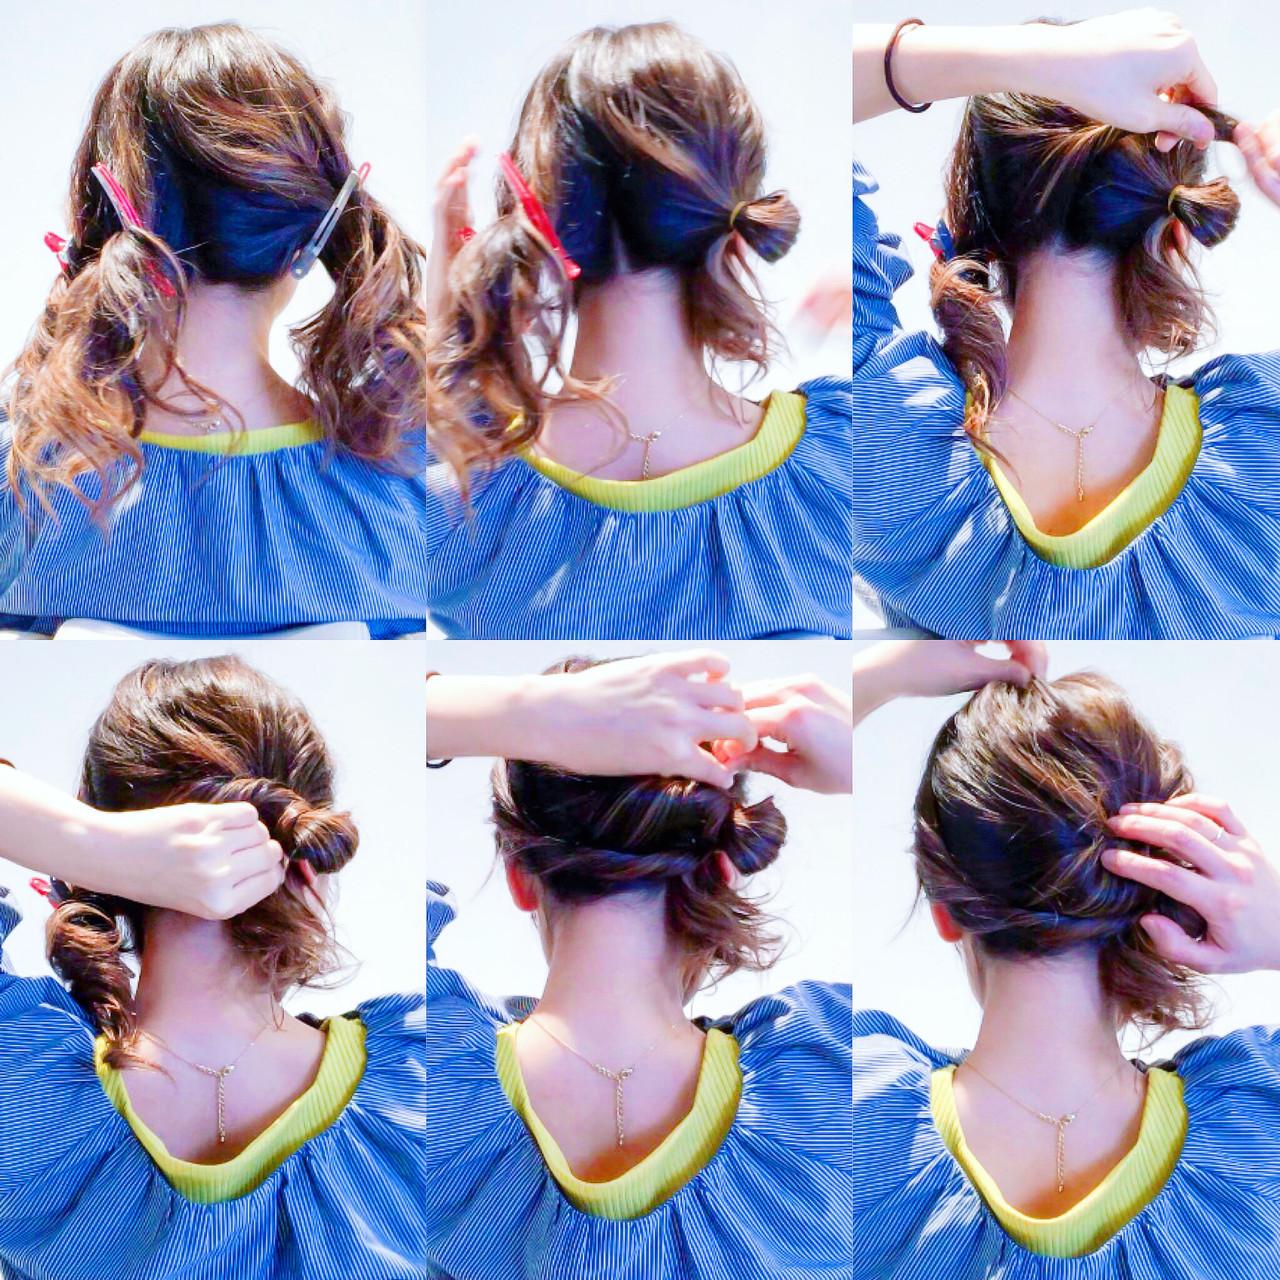 ヘアアレンジ 簡単ヘアアレンジ エレガント ロング ヘアスタイルや髪型の写真・画像